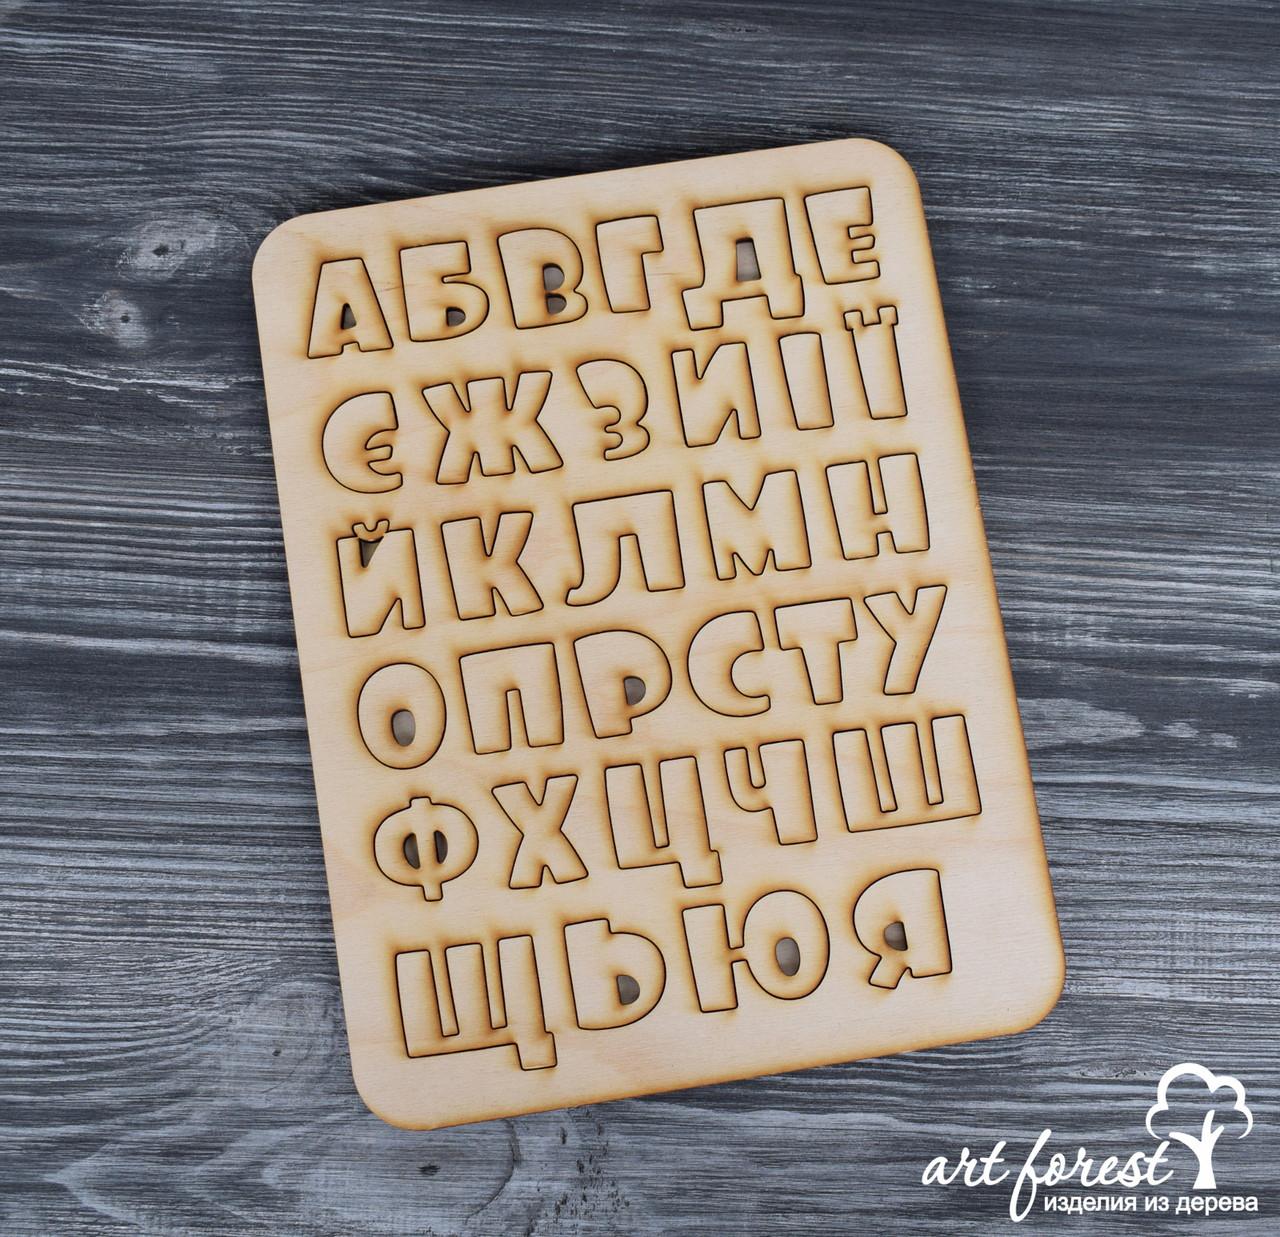 Деревянный алфавит вкладыш (пазл)  украинский